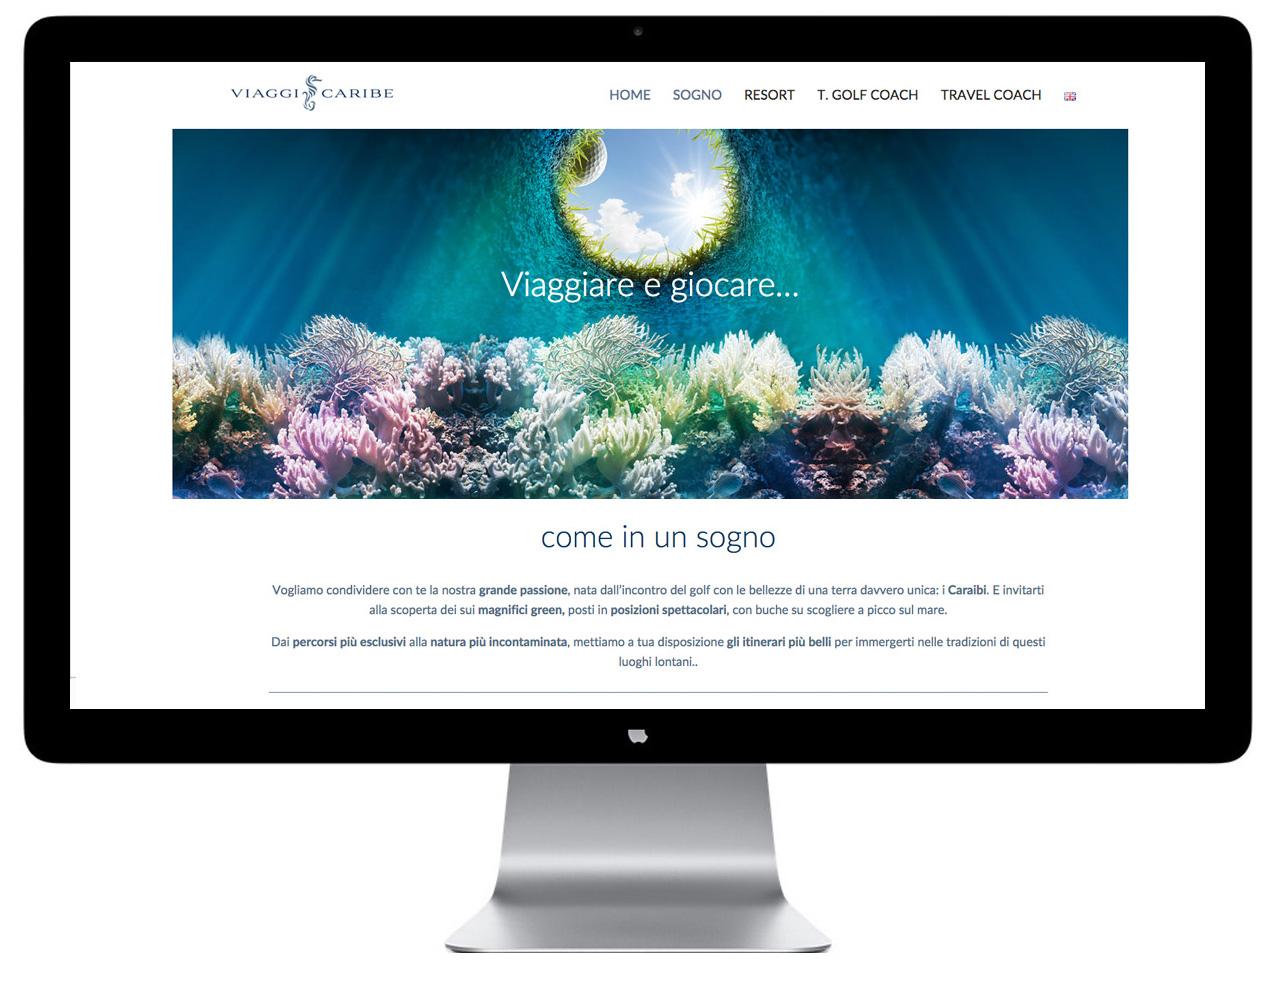 viaggicaribe-web-site-bologna-pubblicita-comunicazione-ideavale